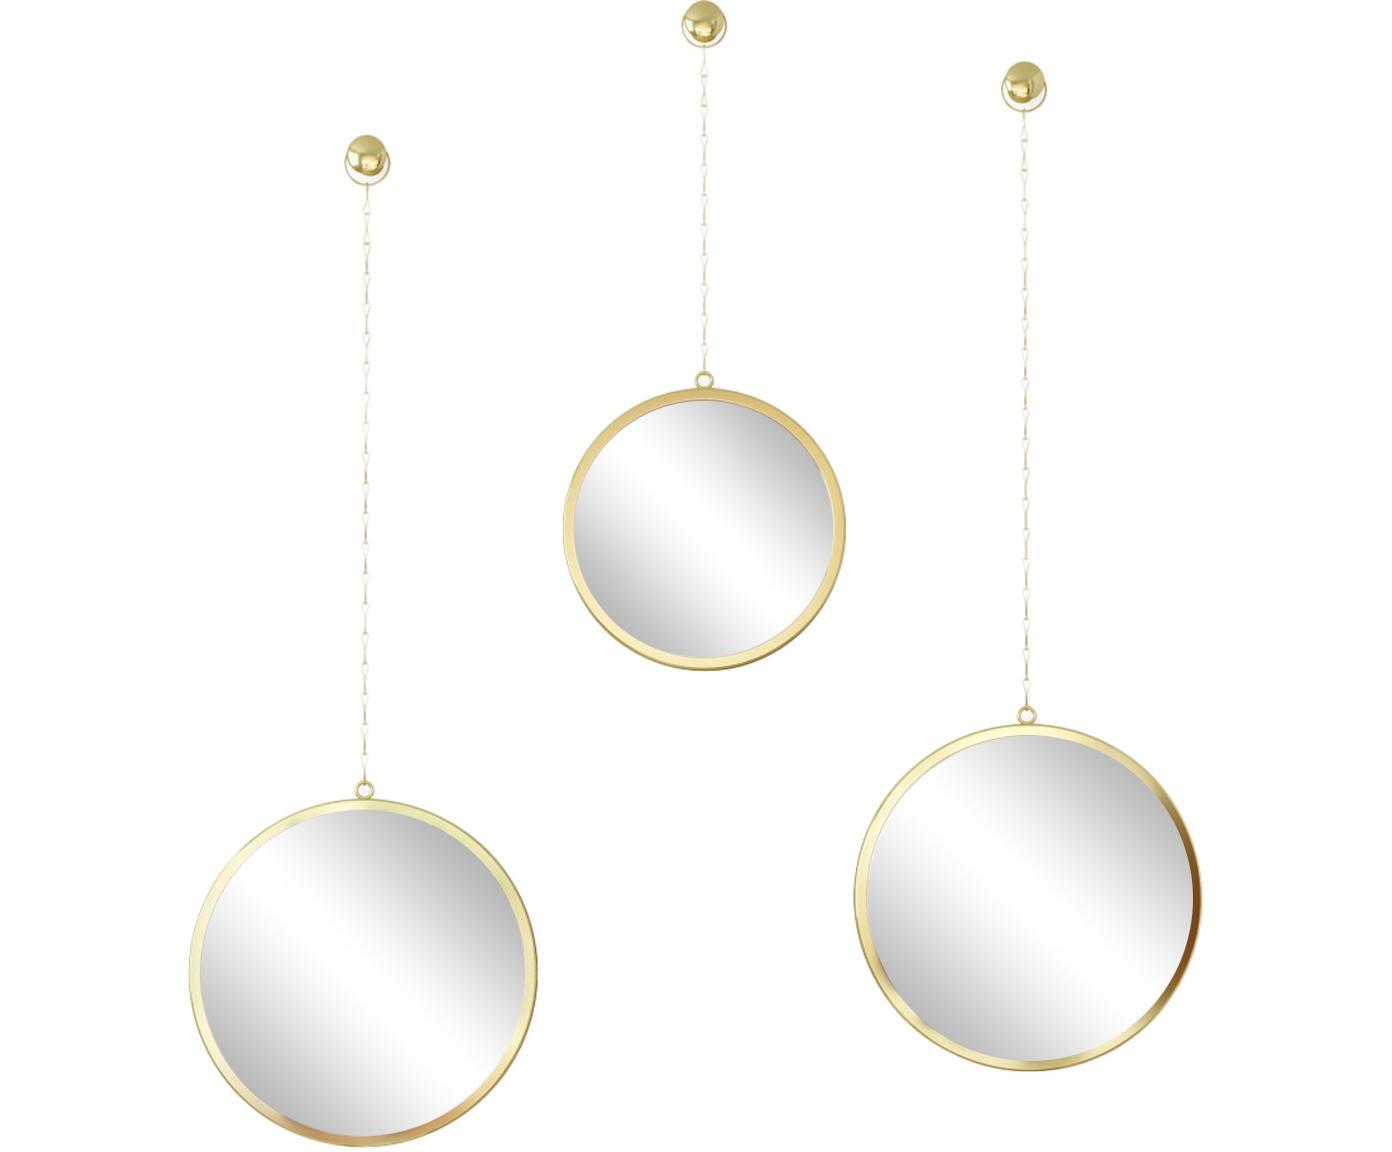 Wandspiegelset Dima, 3-delig, Gecoat metaal, spiegelglas, Goudkleurig, Verschillende formaten